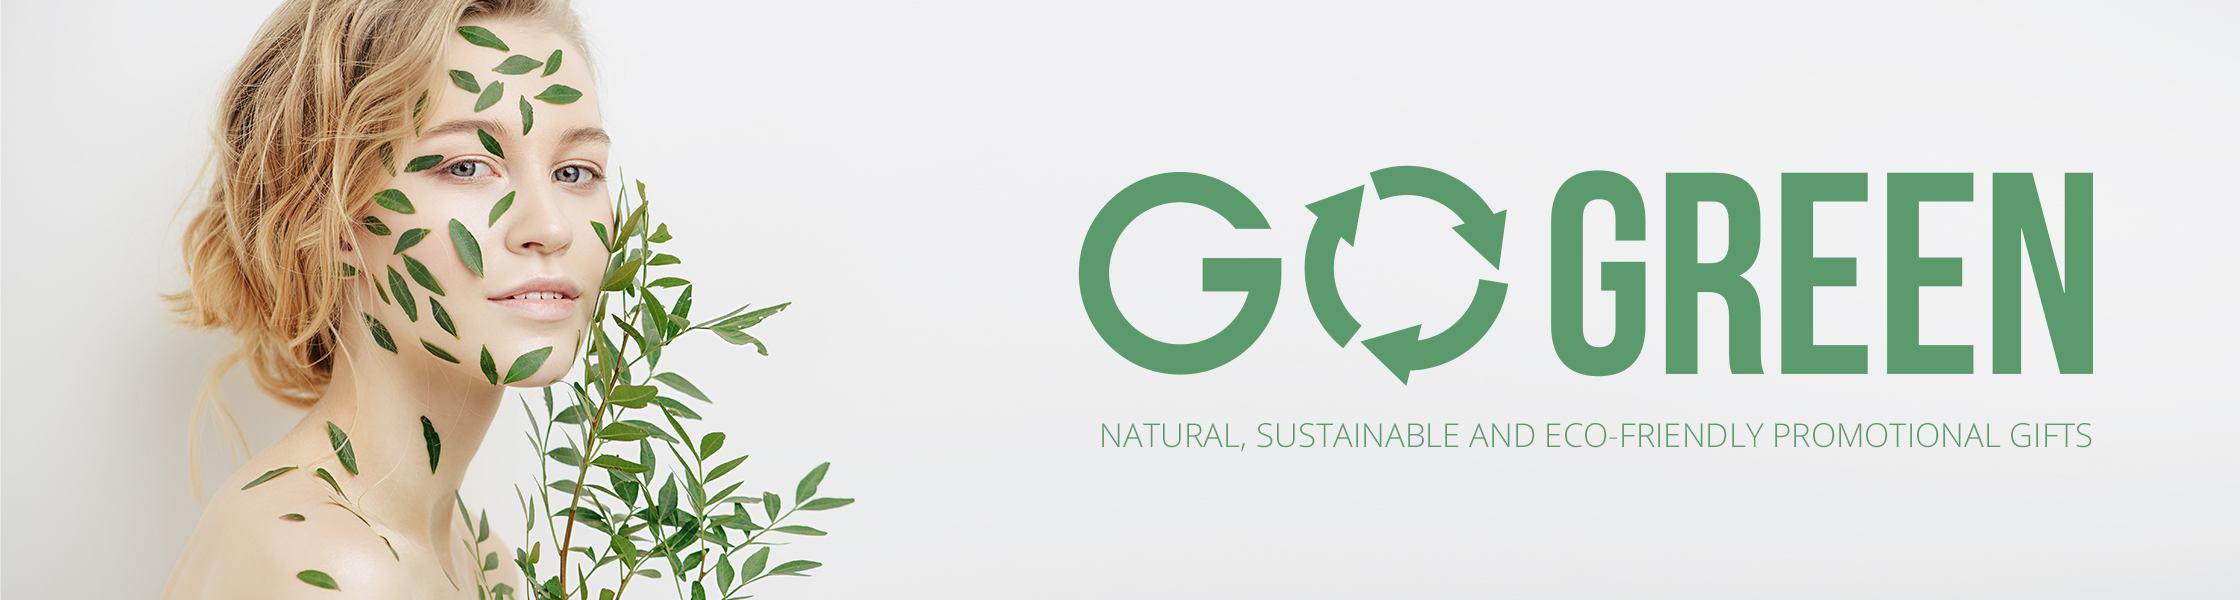 GO GREEN 2021 E-Katalog öffnen